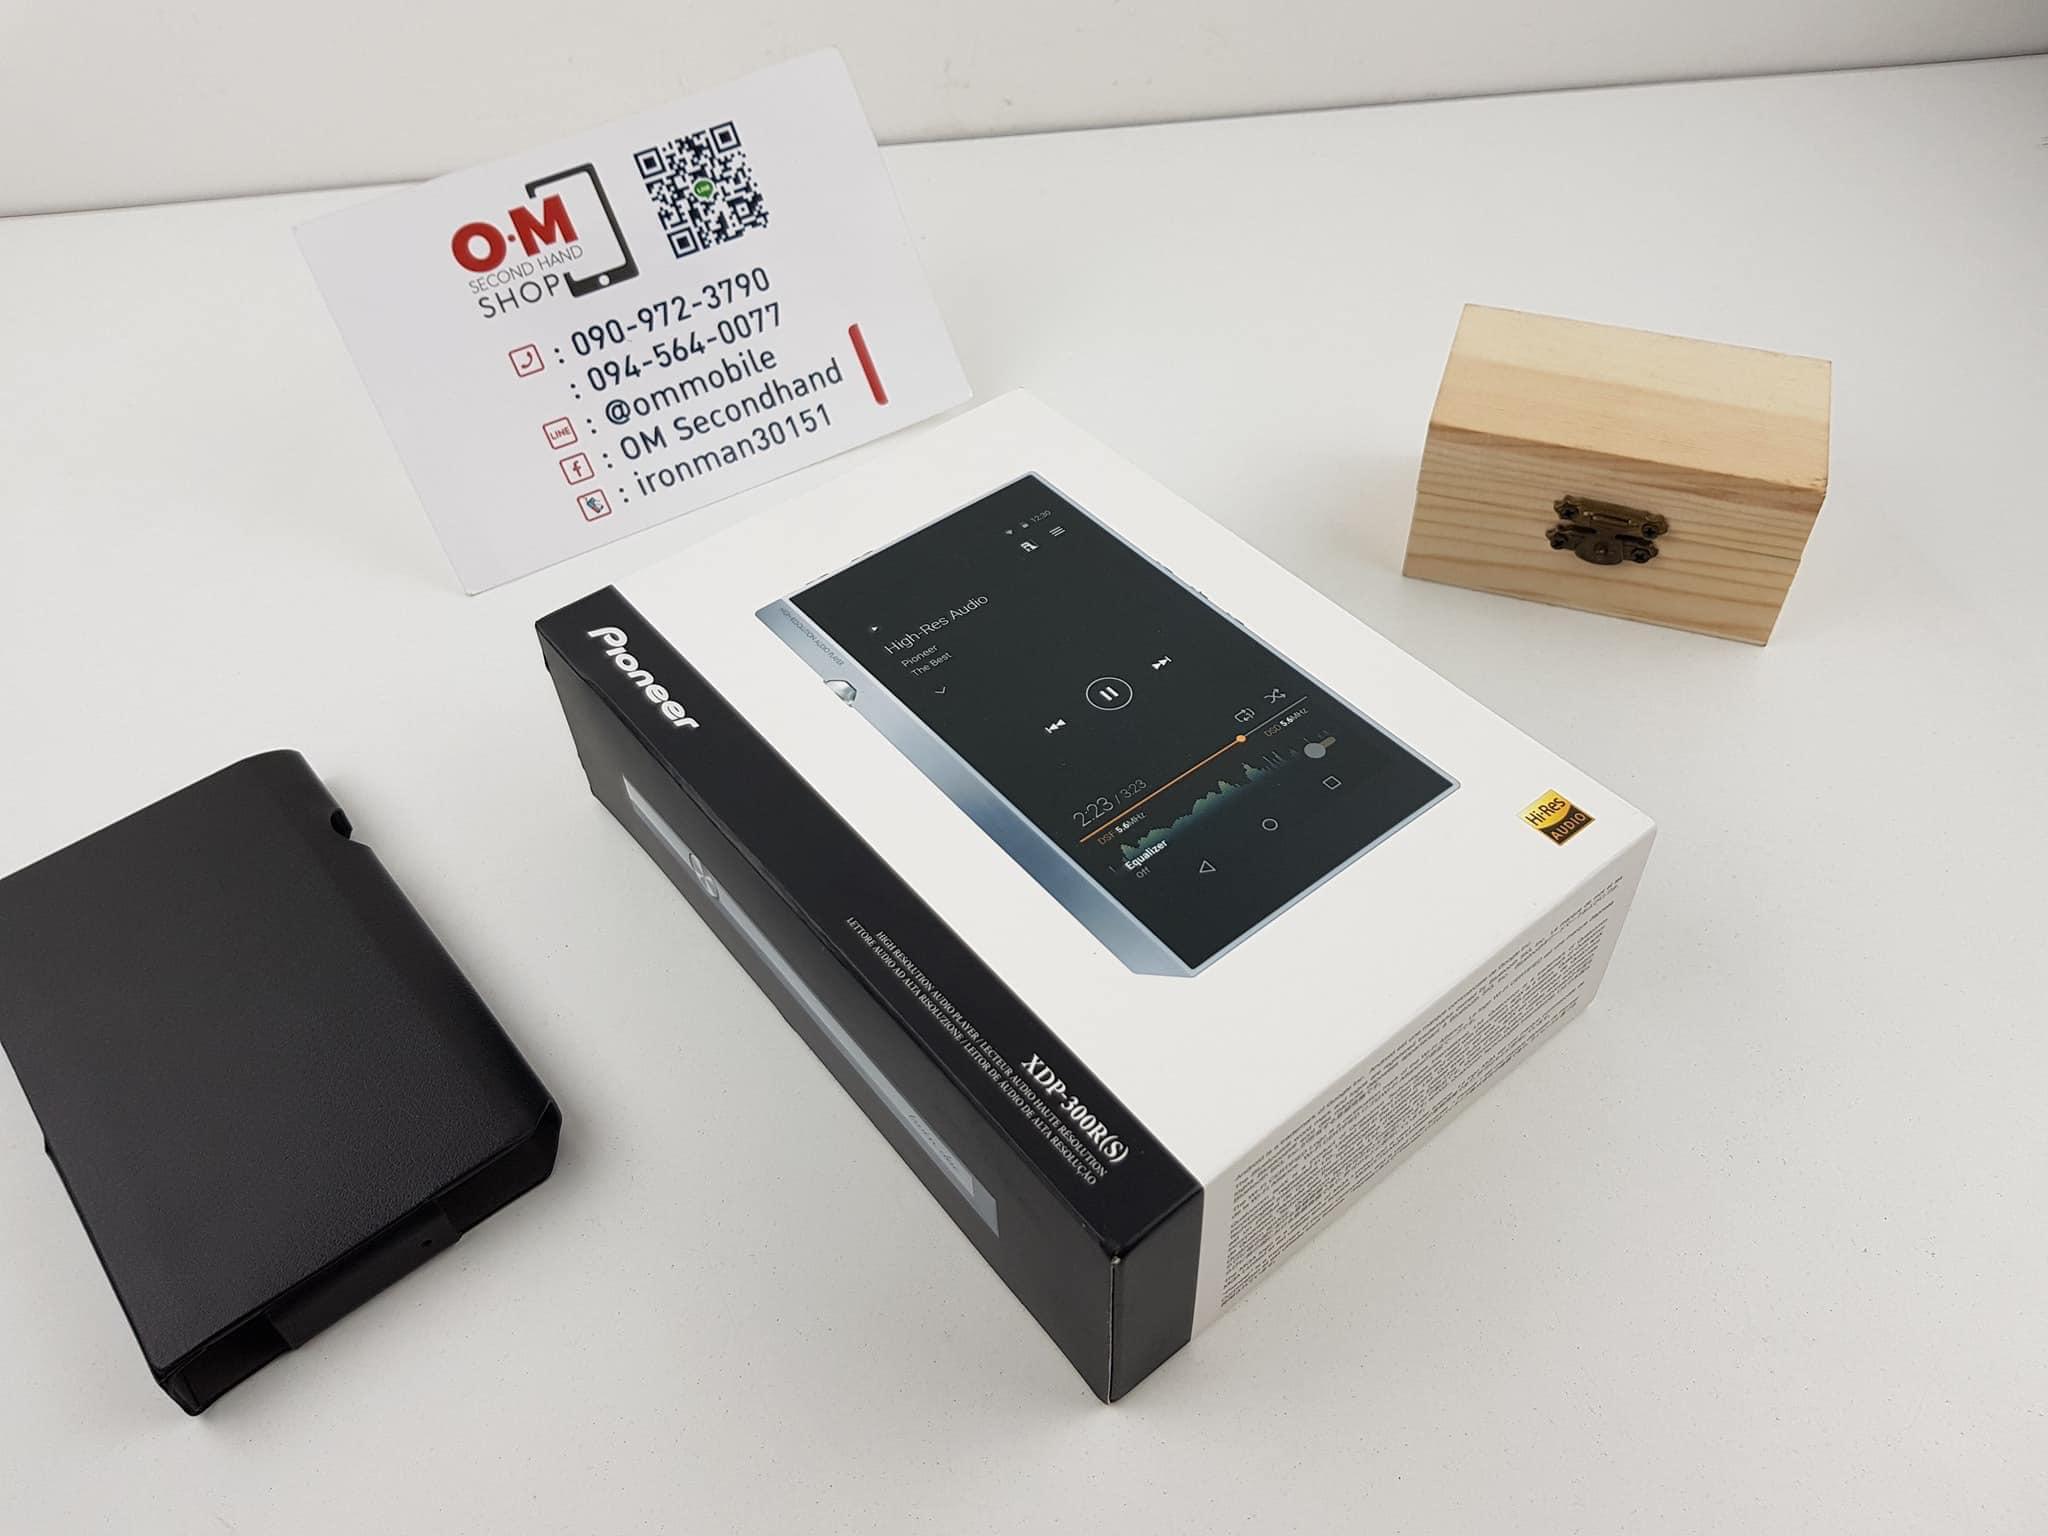 ขาย/แลก Pioneer XDP-300(S) สภาพสวยมาก แท้ ครบยกกล่อง เพียง 8,500 บาท